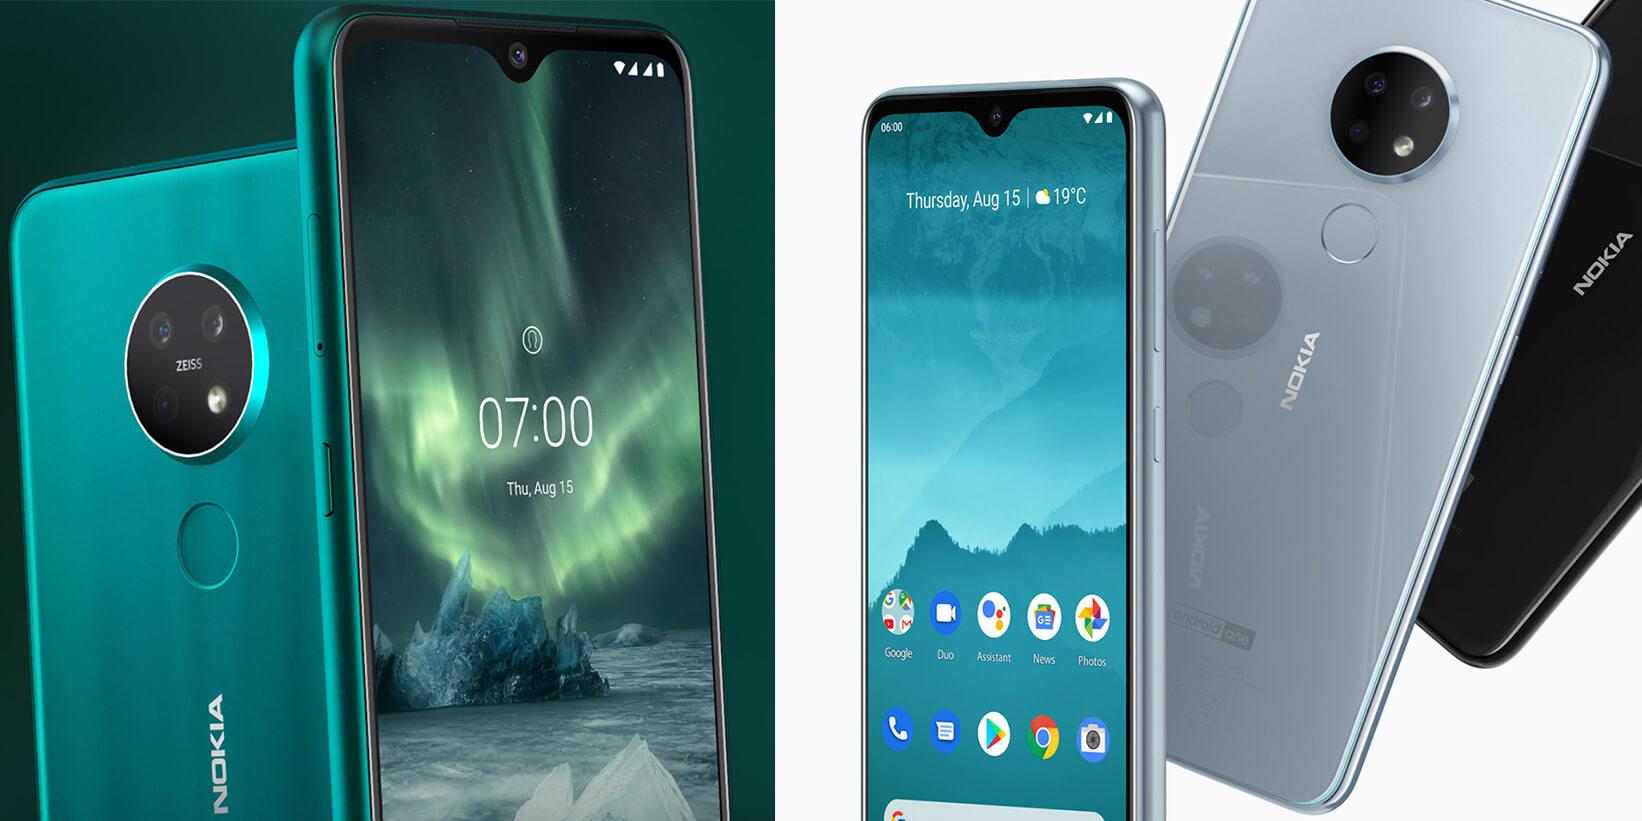 Die besten Smartphones der IFA 2019: Das Nokia 7.2 und Nokia 6.2 - Image by HMD Global